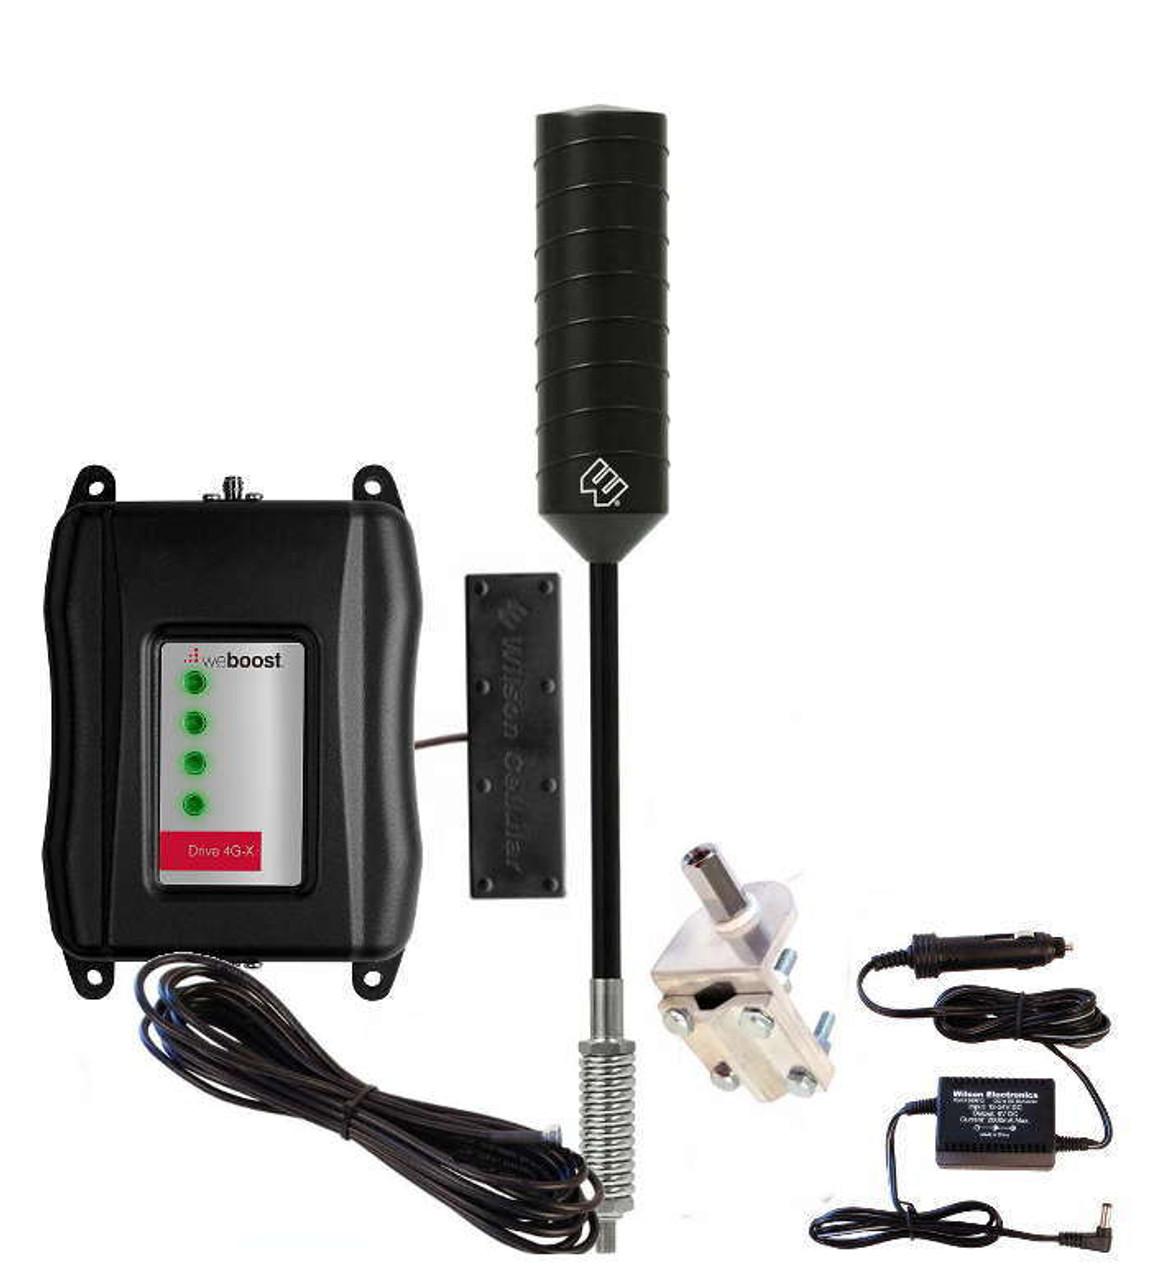 Weboost Drive 4g M Truck Rv Cell Booster 4g Trucker Antenna